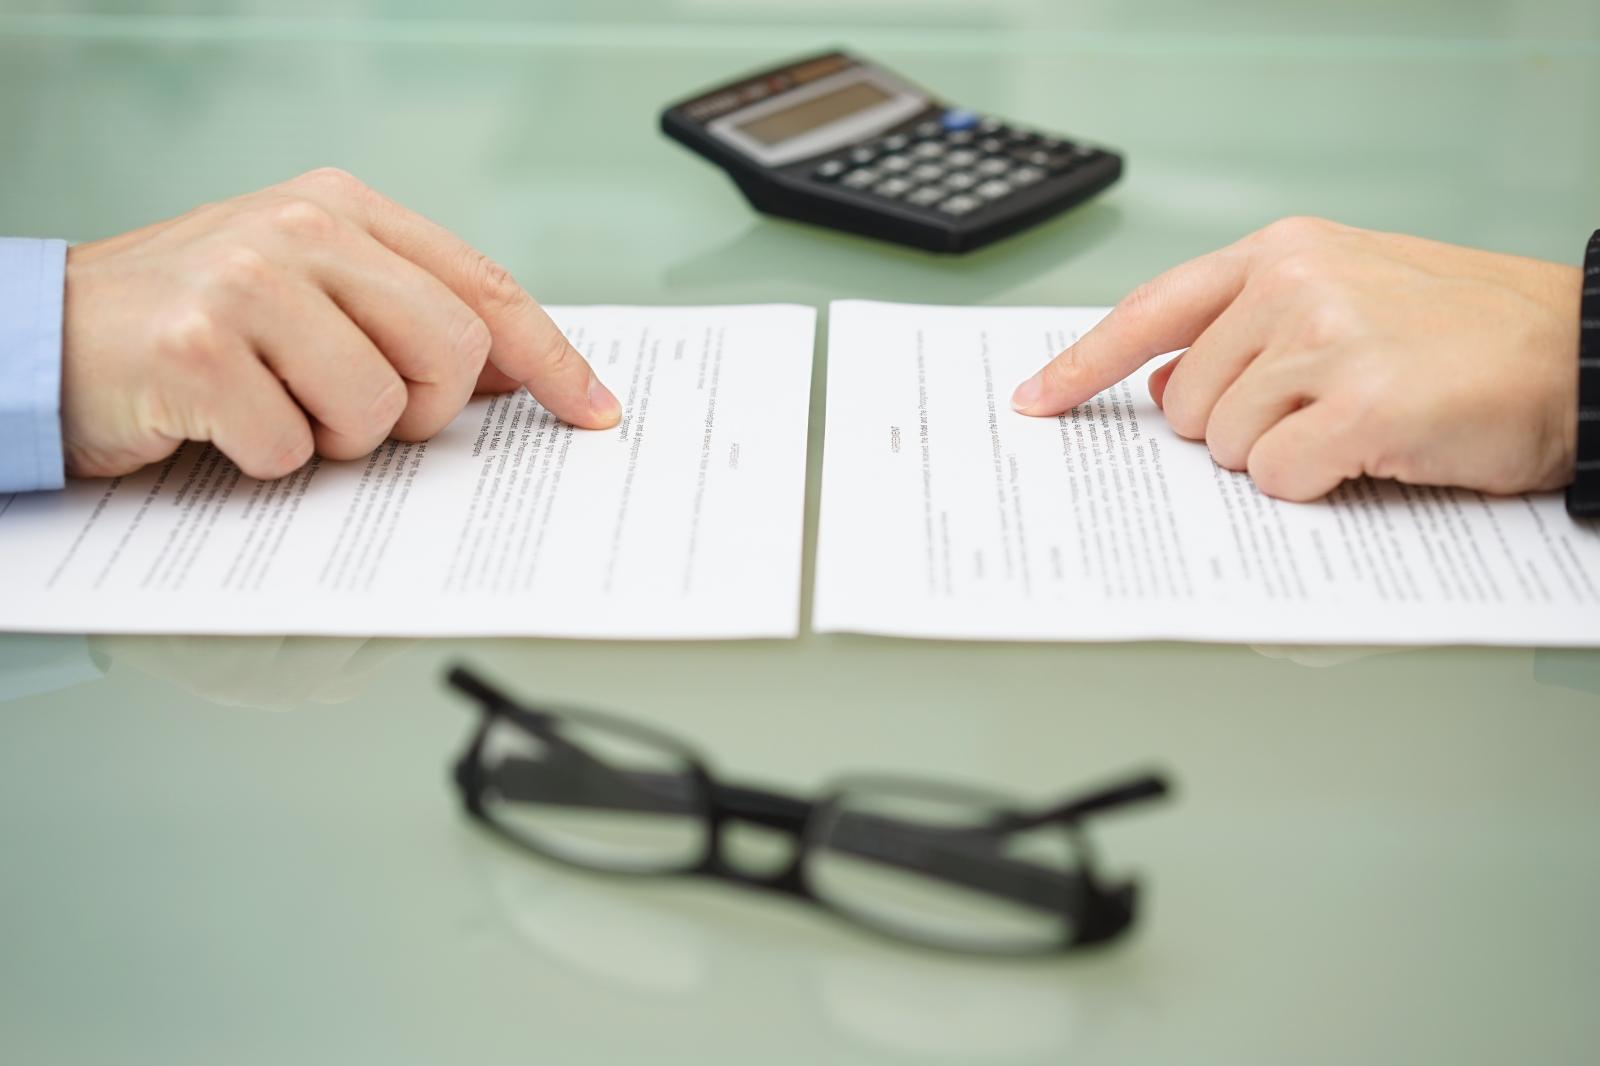 hai bàn tay đang chỉ vào tờ giấy để trên bàn